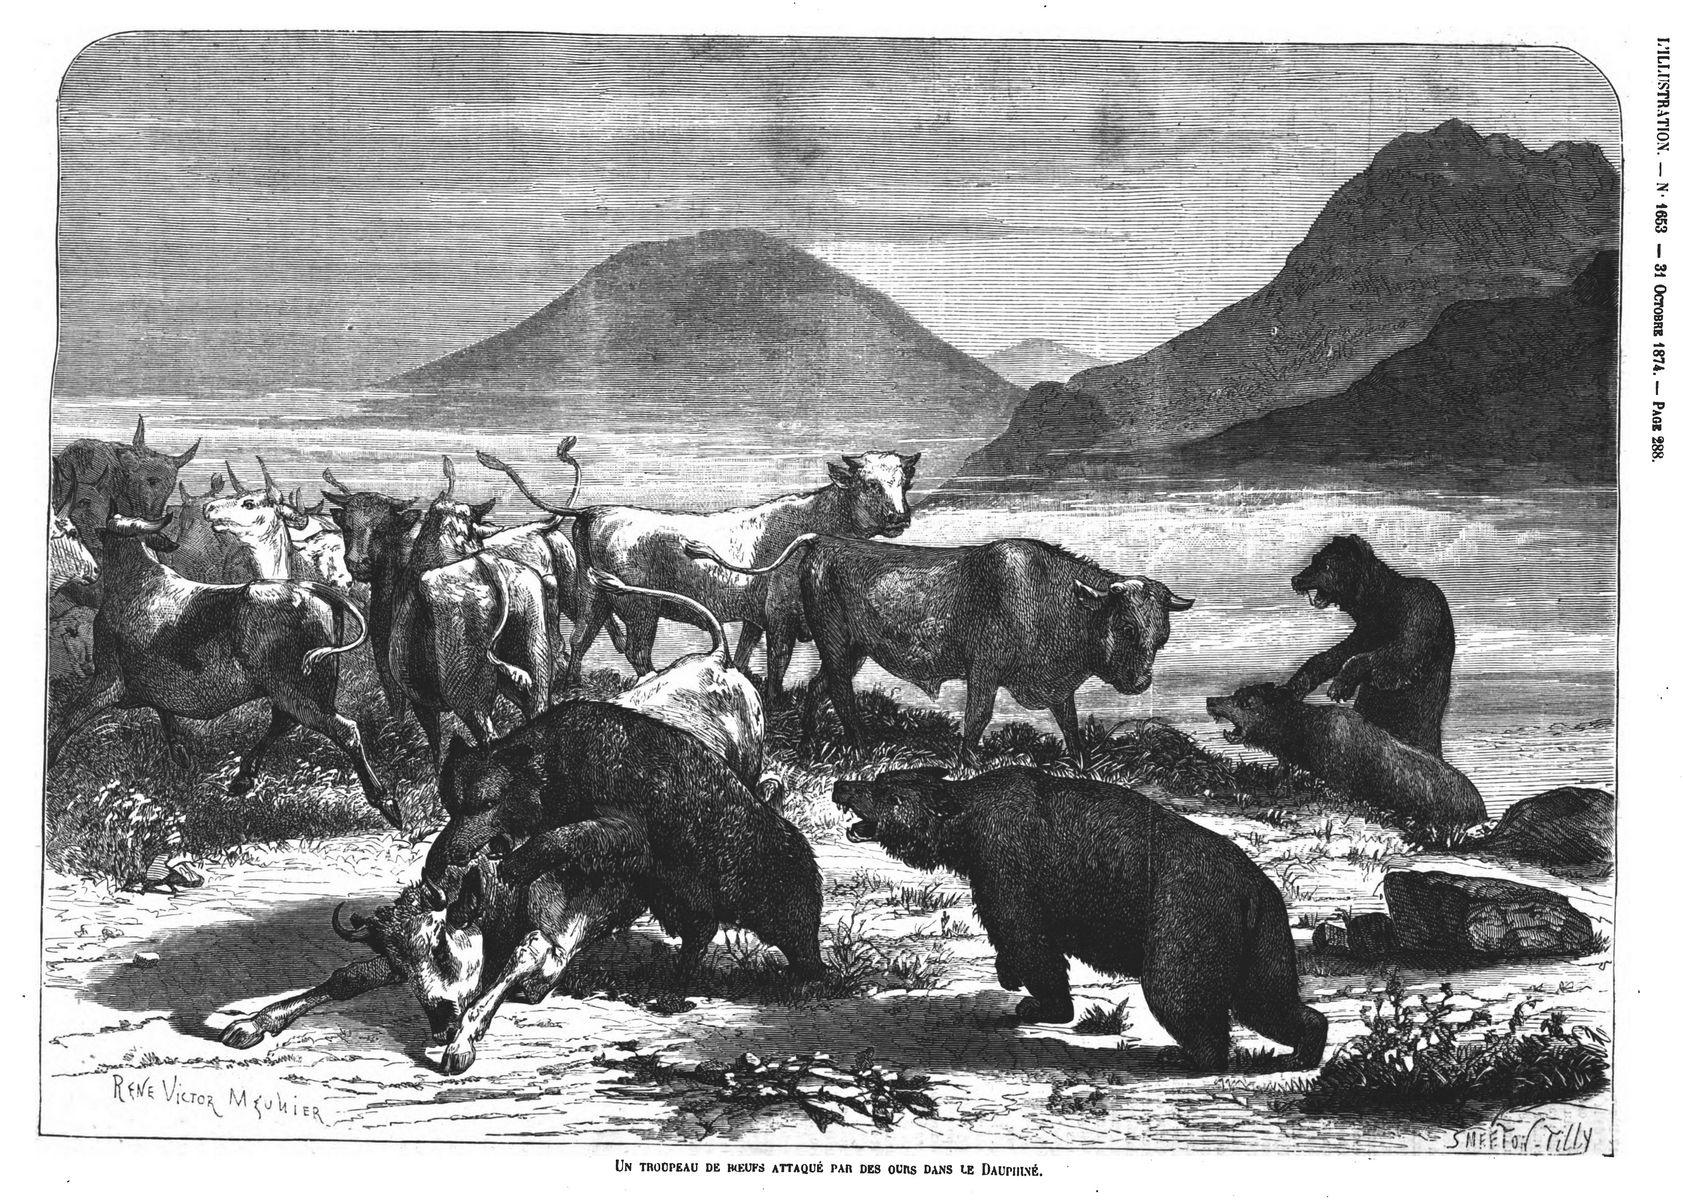 Un troupeau de bœufs attaqué par des ours dans le Dauphiné. Gravure 1874